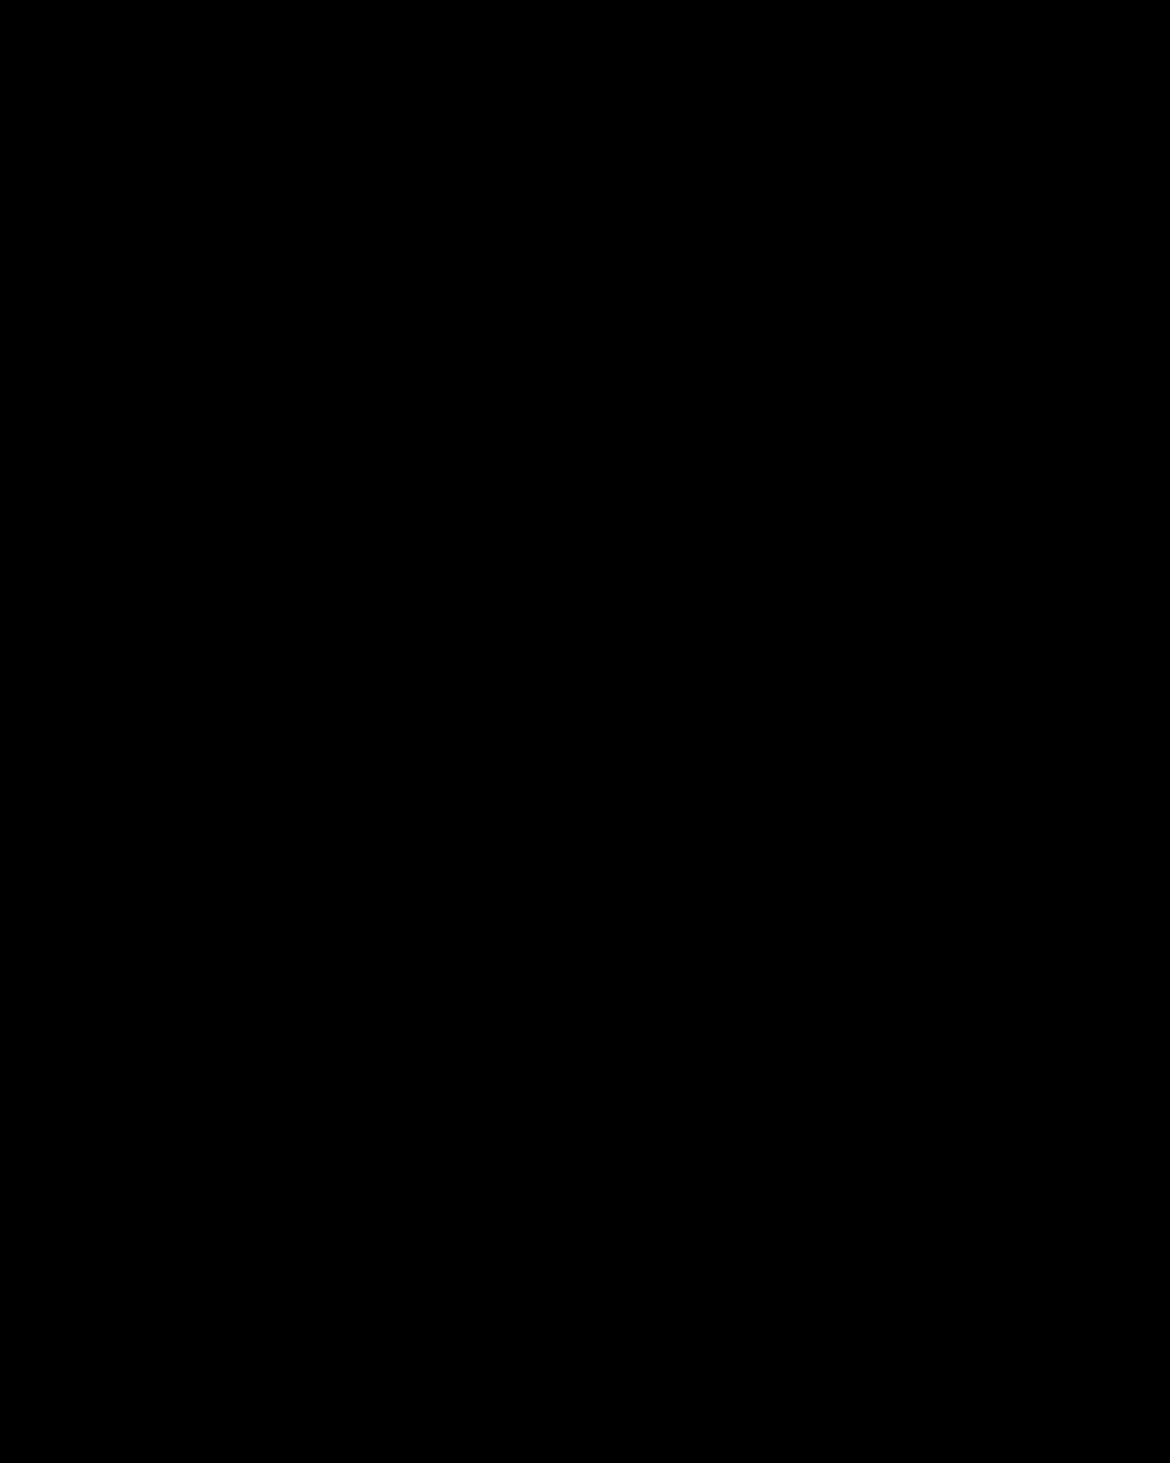 Visitare Positano: Come arrivare, cosa vedere, dove dormire e mangiare by Laura Comolli